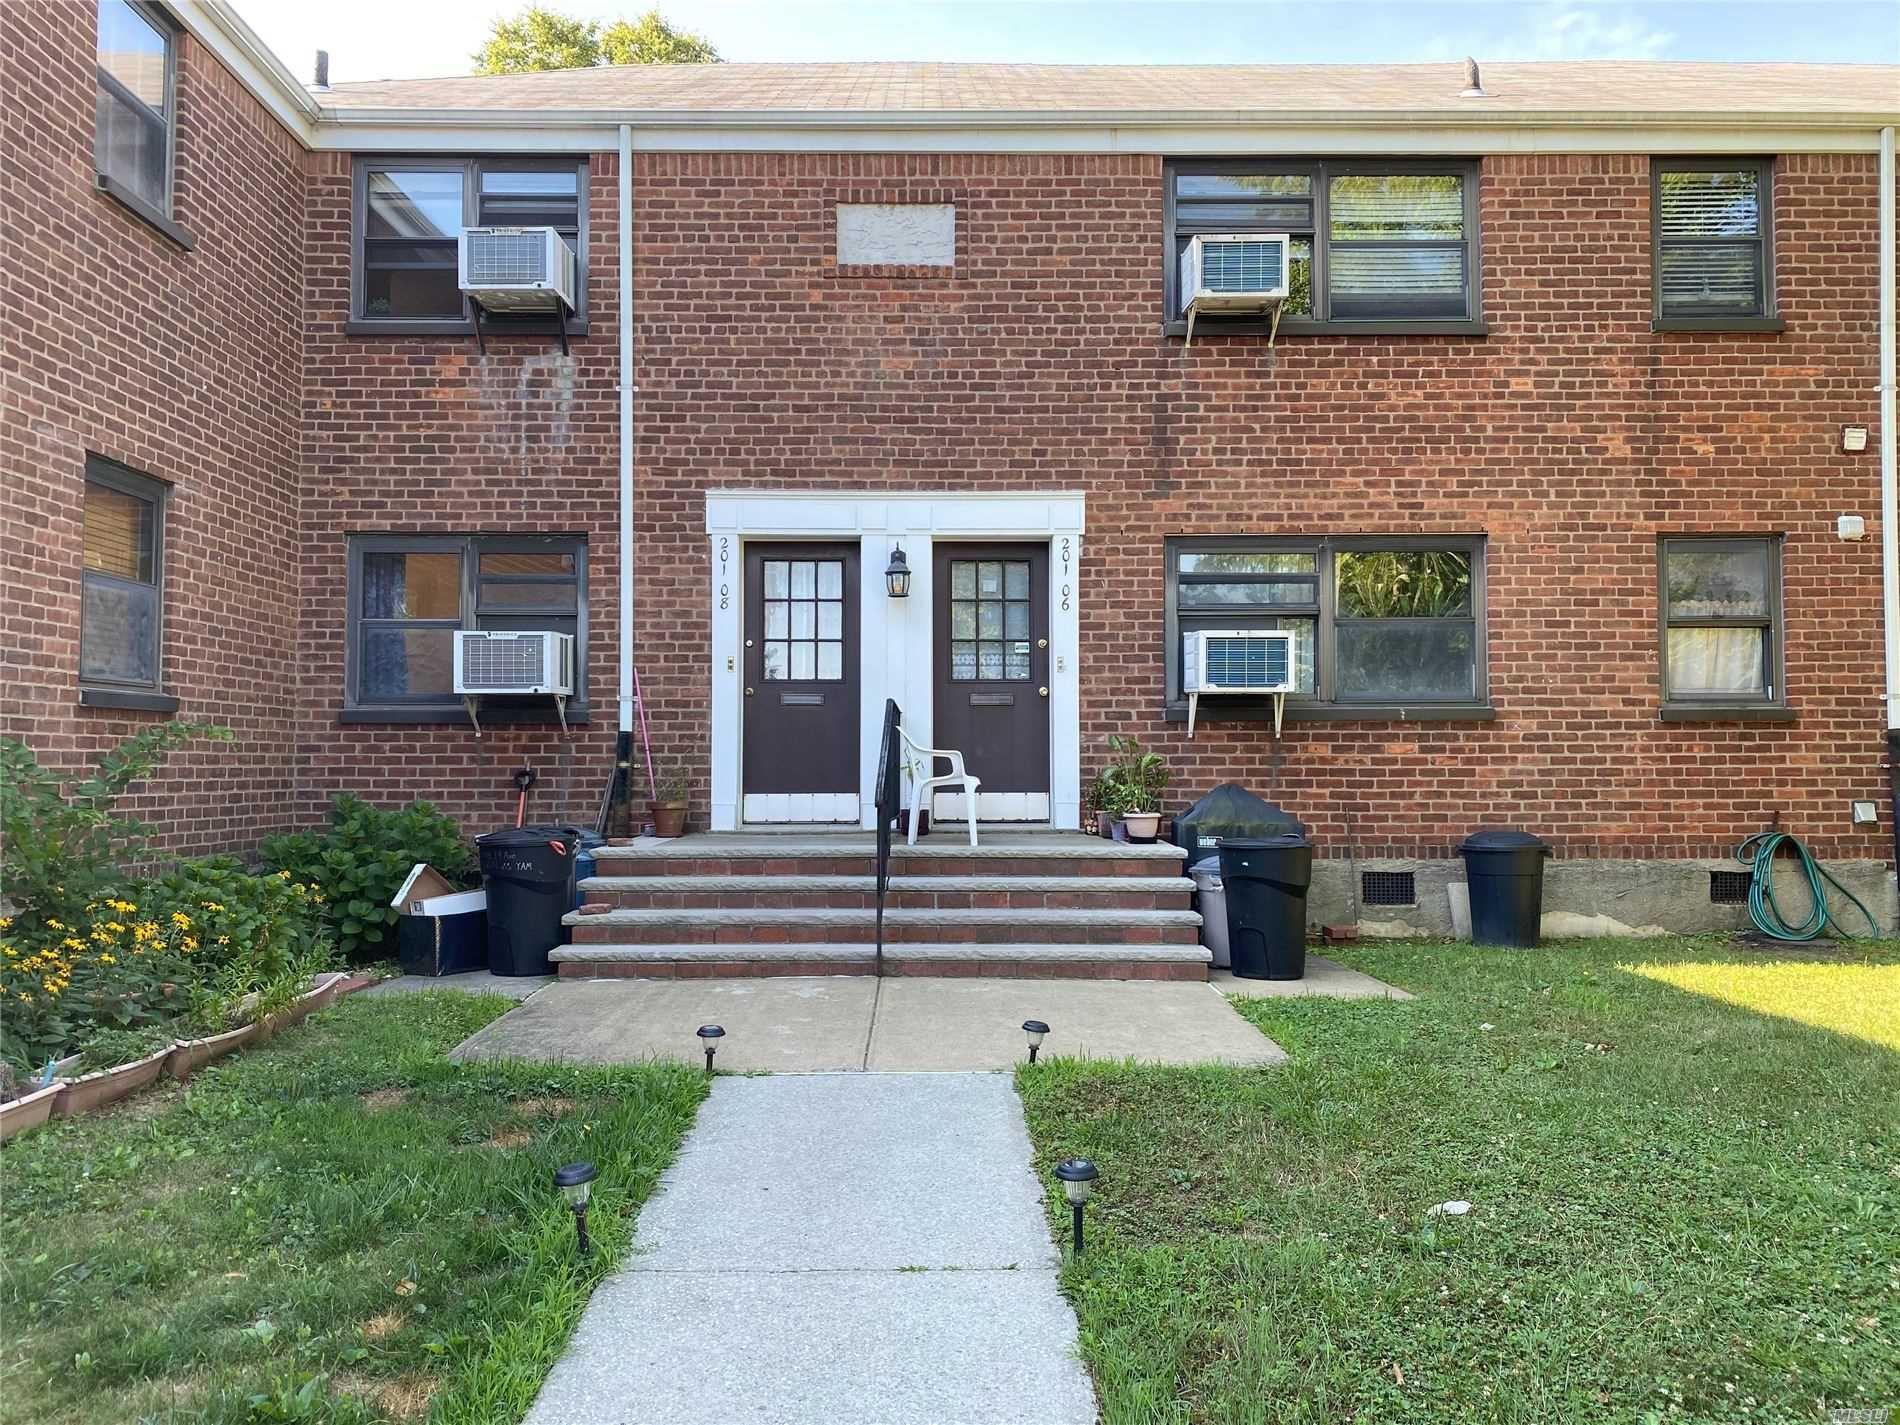 201-08 19th Avenue #I48, Bayside, NY 11360 - MLS#: 3235496